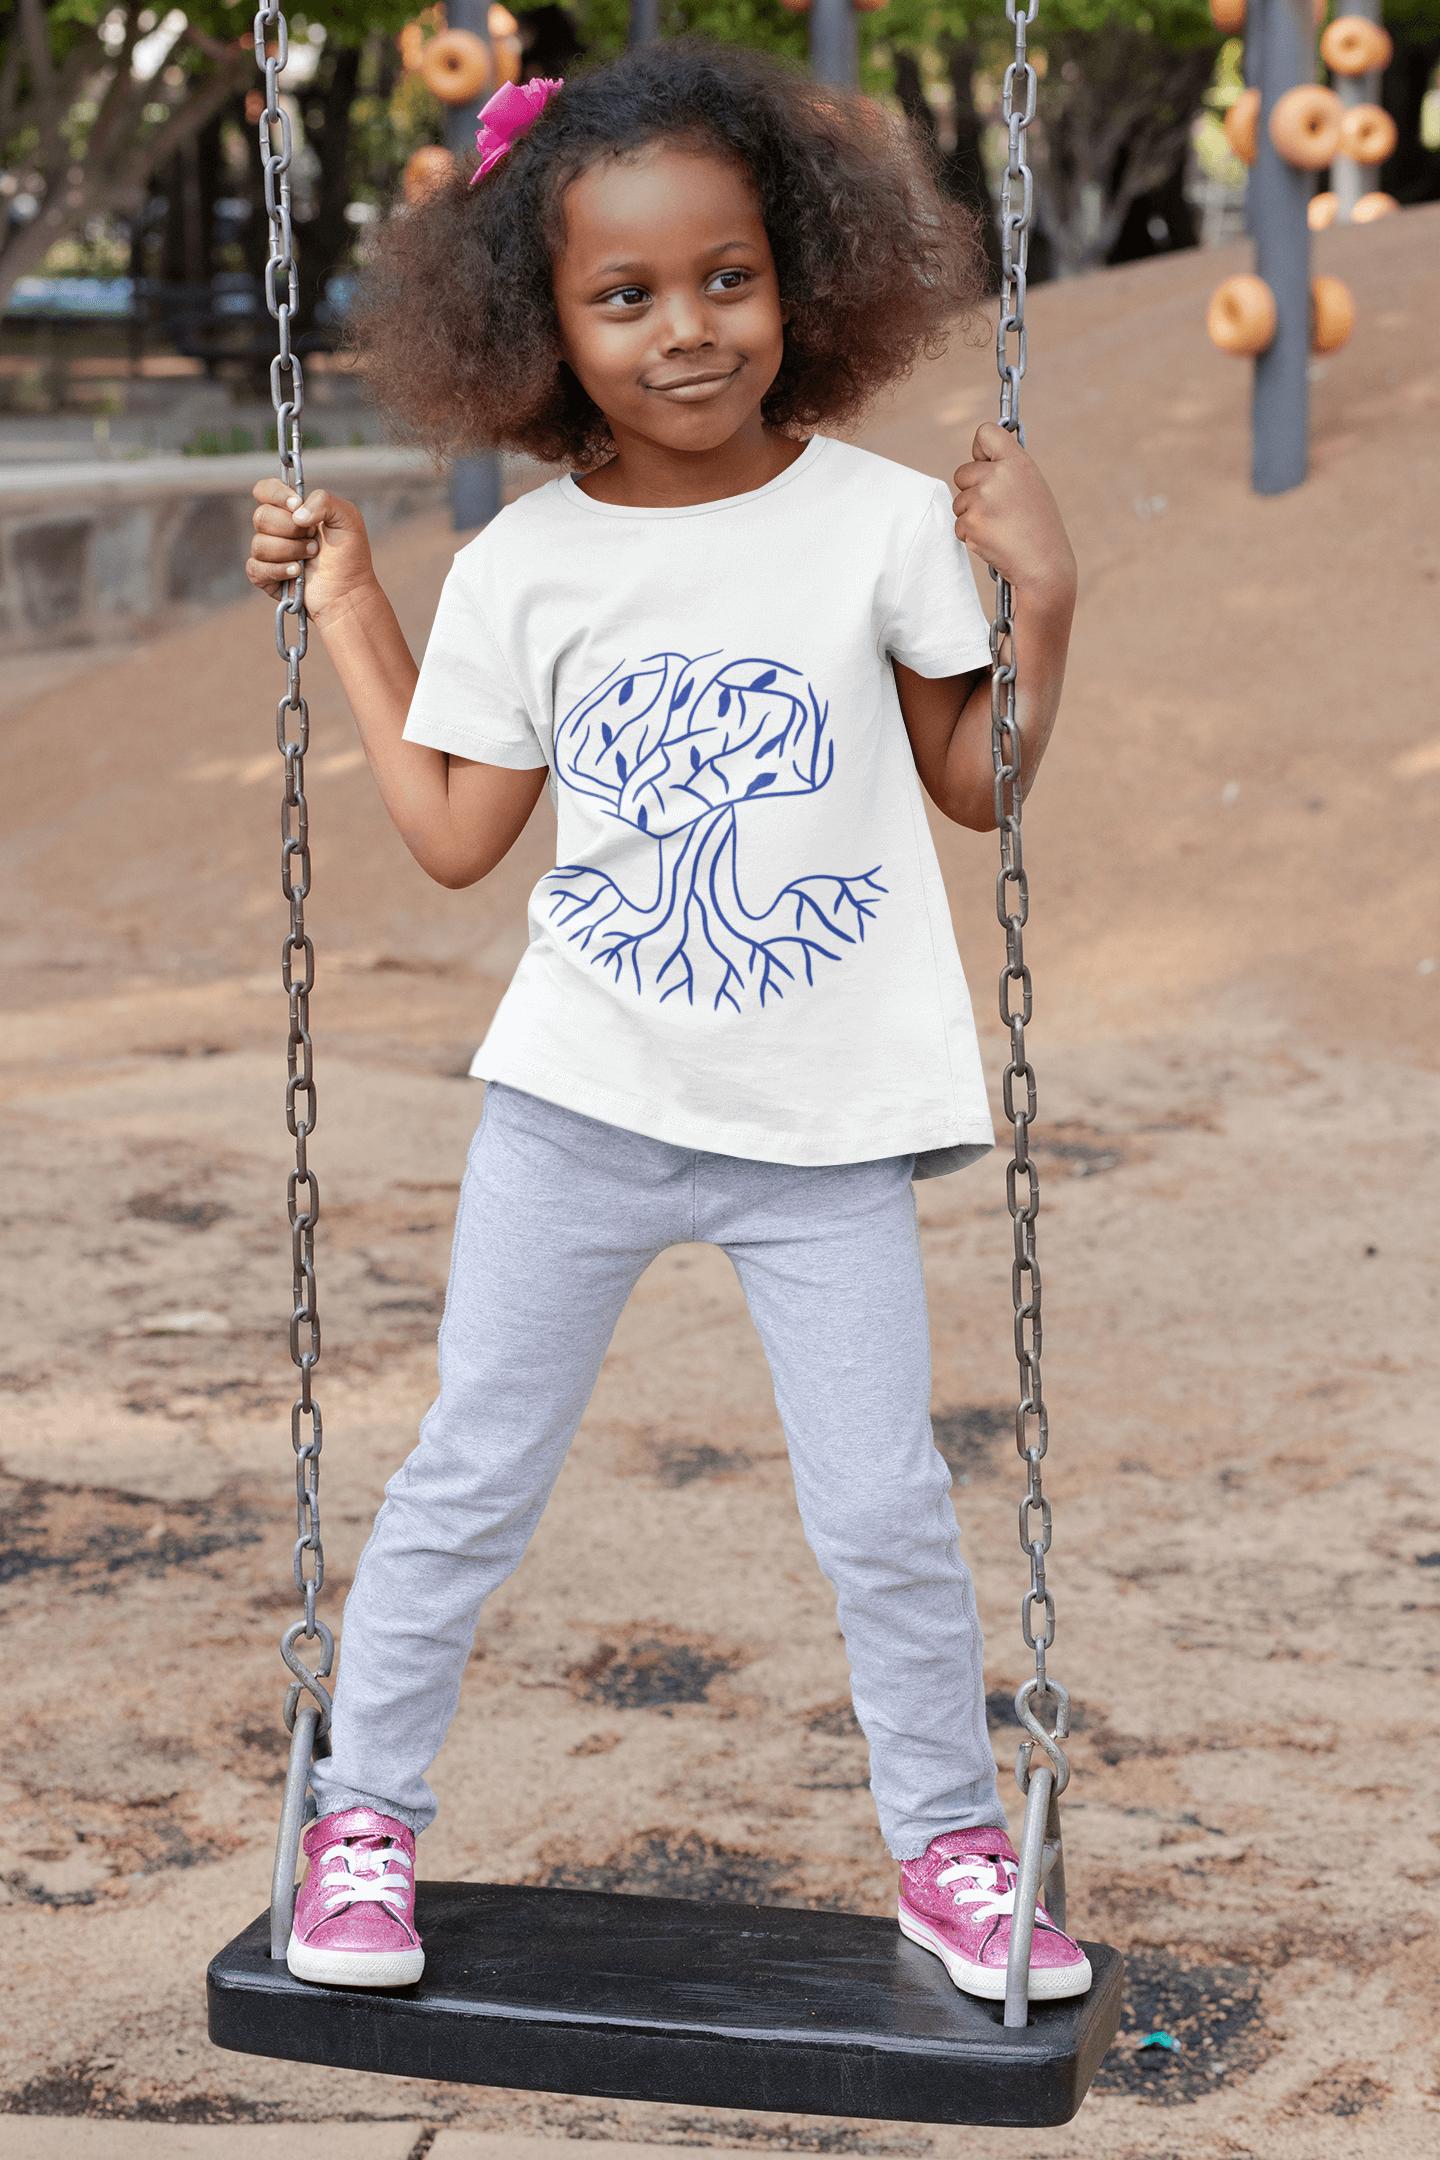 Trusting Children Logo on T-shirt